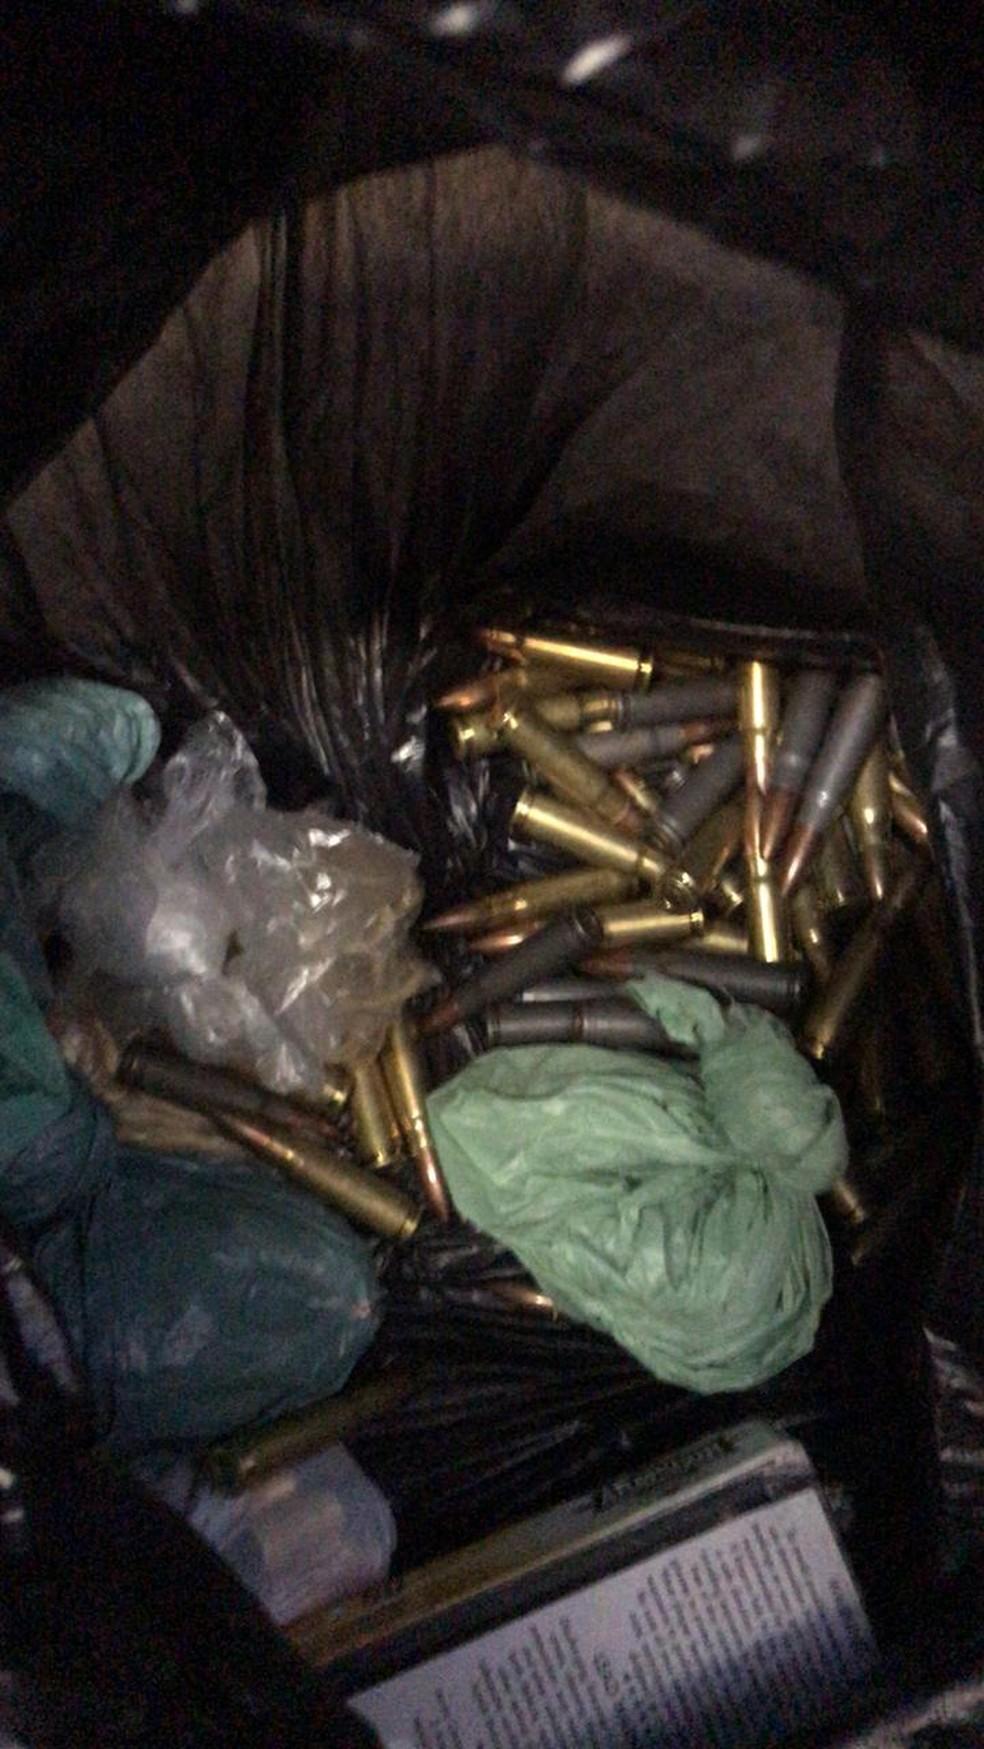 Munição para fuzil também foi localizada pela polícia em Cubatão, SP — Foto: Divulgação/Polícia Militar Ambiental